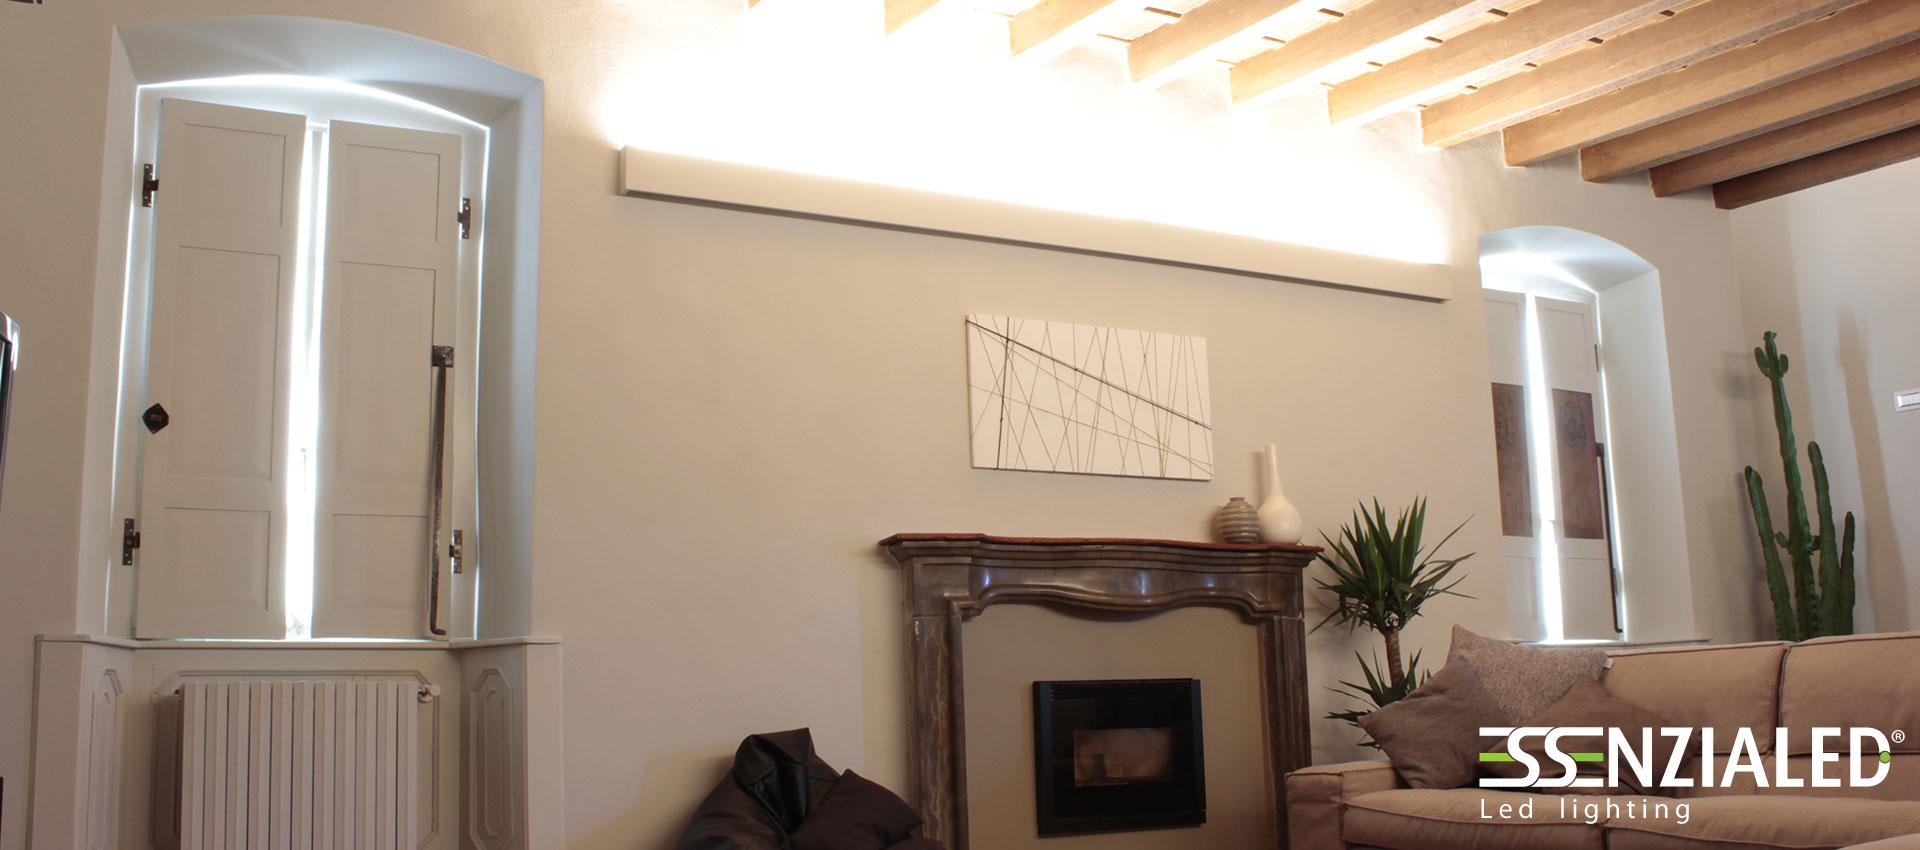 Righello lampada a parete led prodotta su misura - Finestra interna per bagno cieco ...